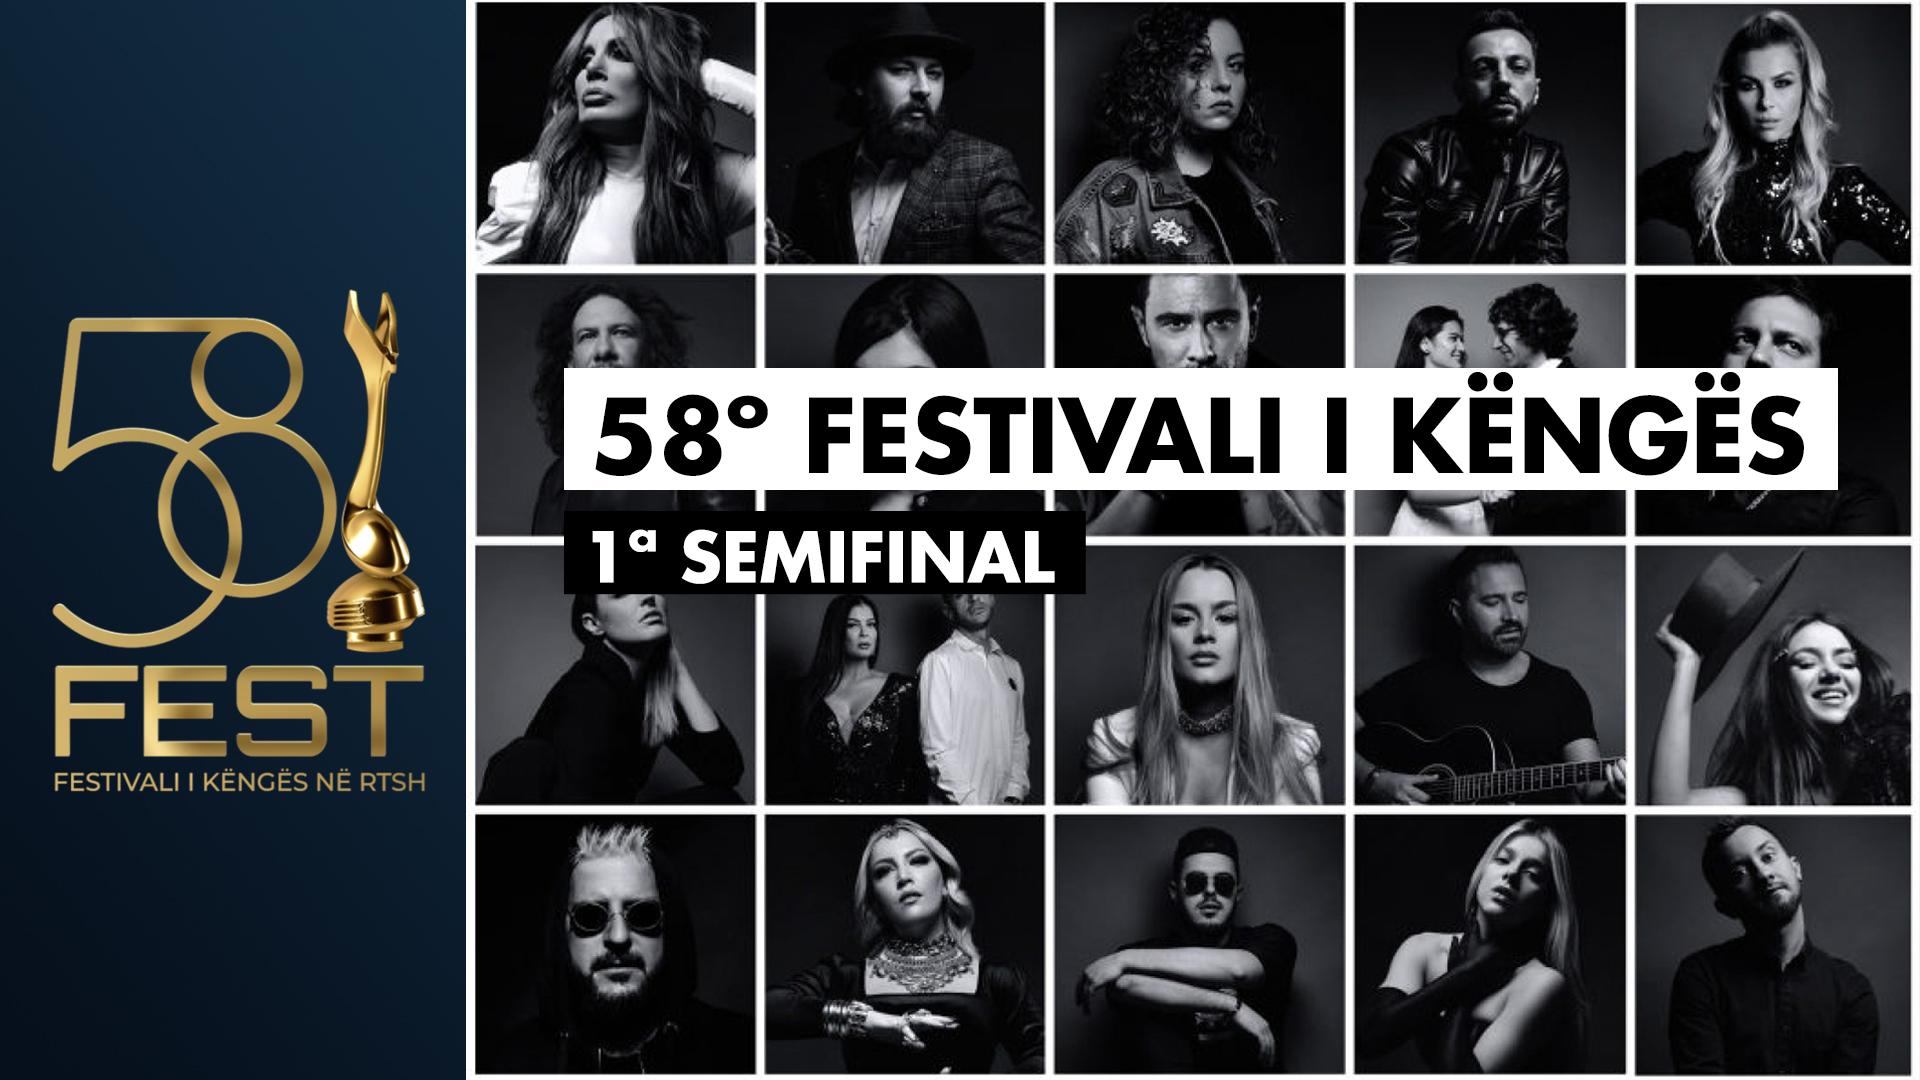 1ª SEMIFINAL 58º FESTIVALI I KËNGËS